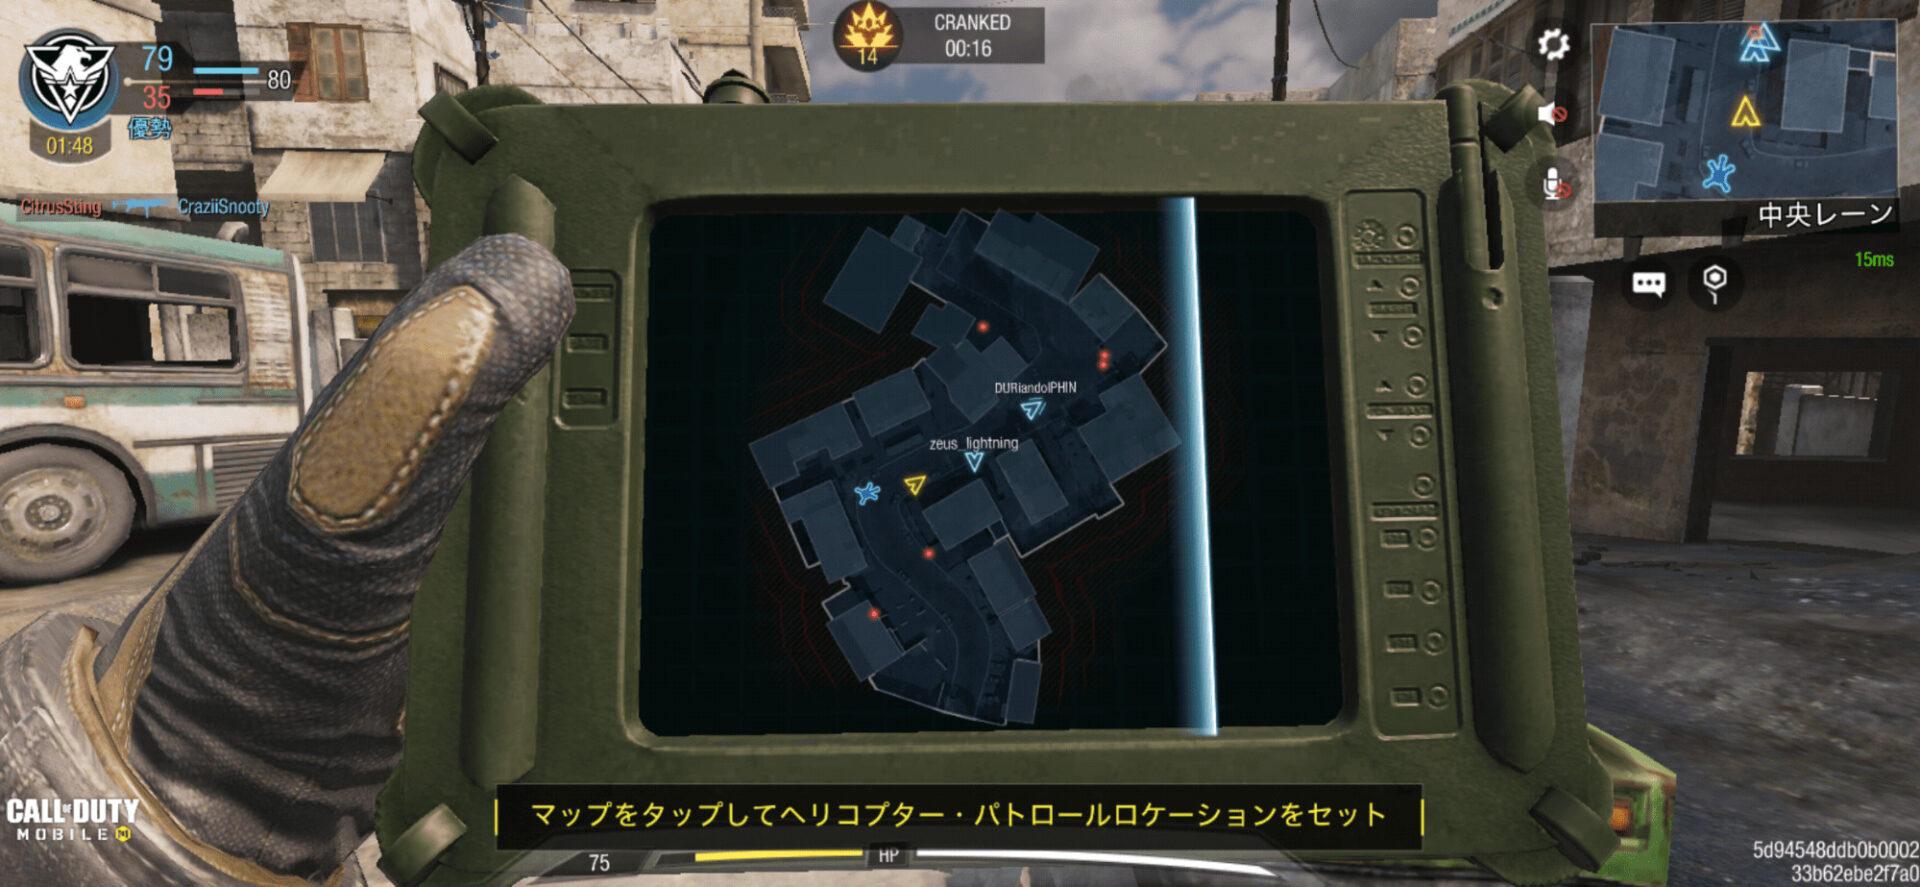 Call of Duty®: Mobileで10キルのスコアストリーク「ステルスヘリ」のようす。